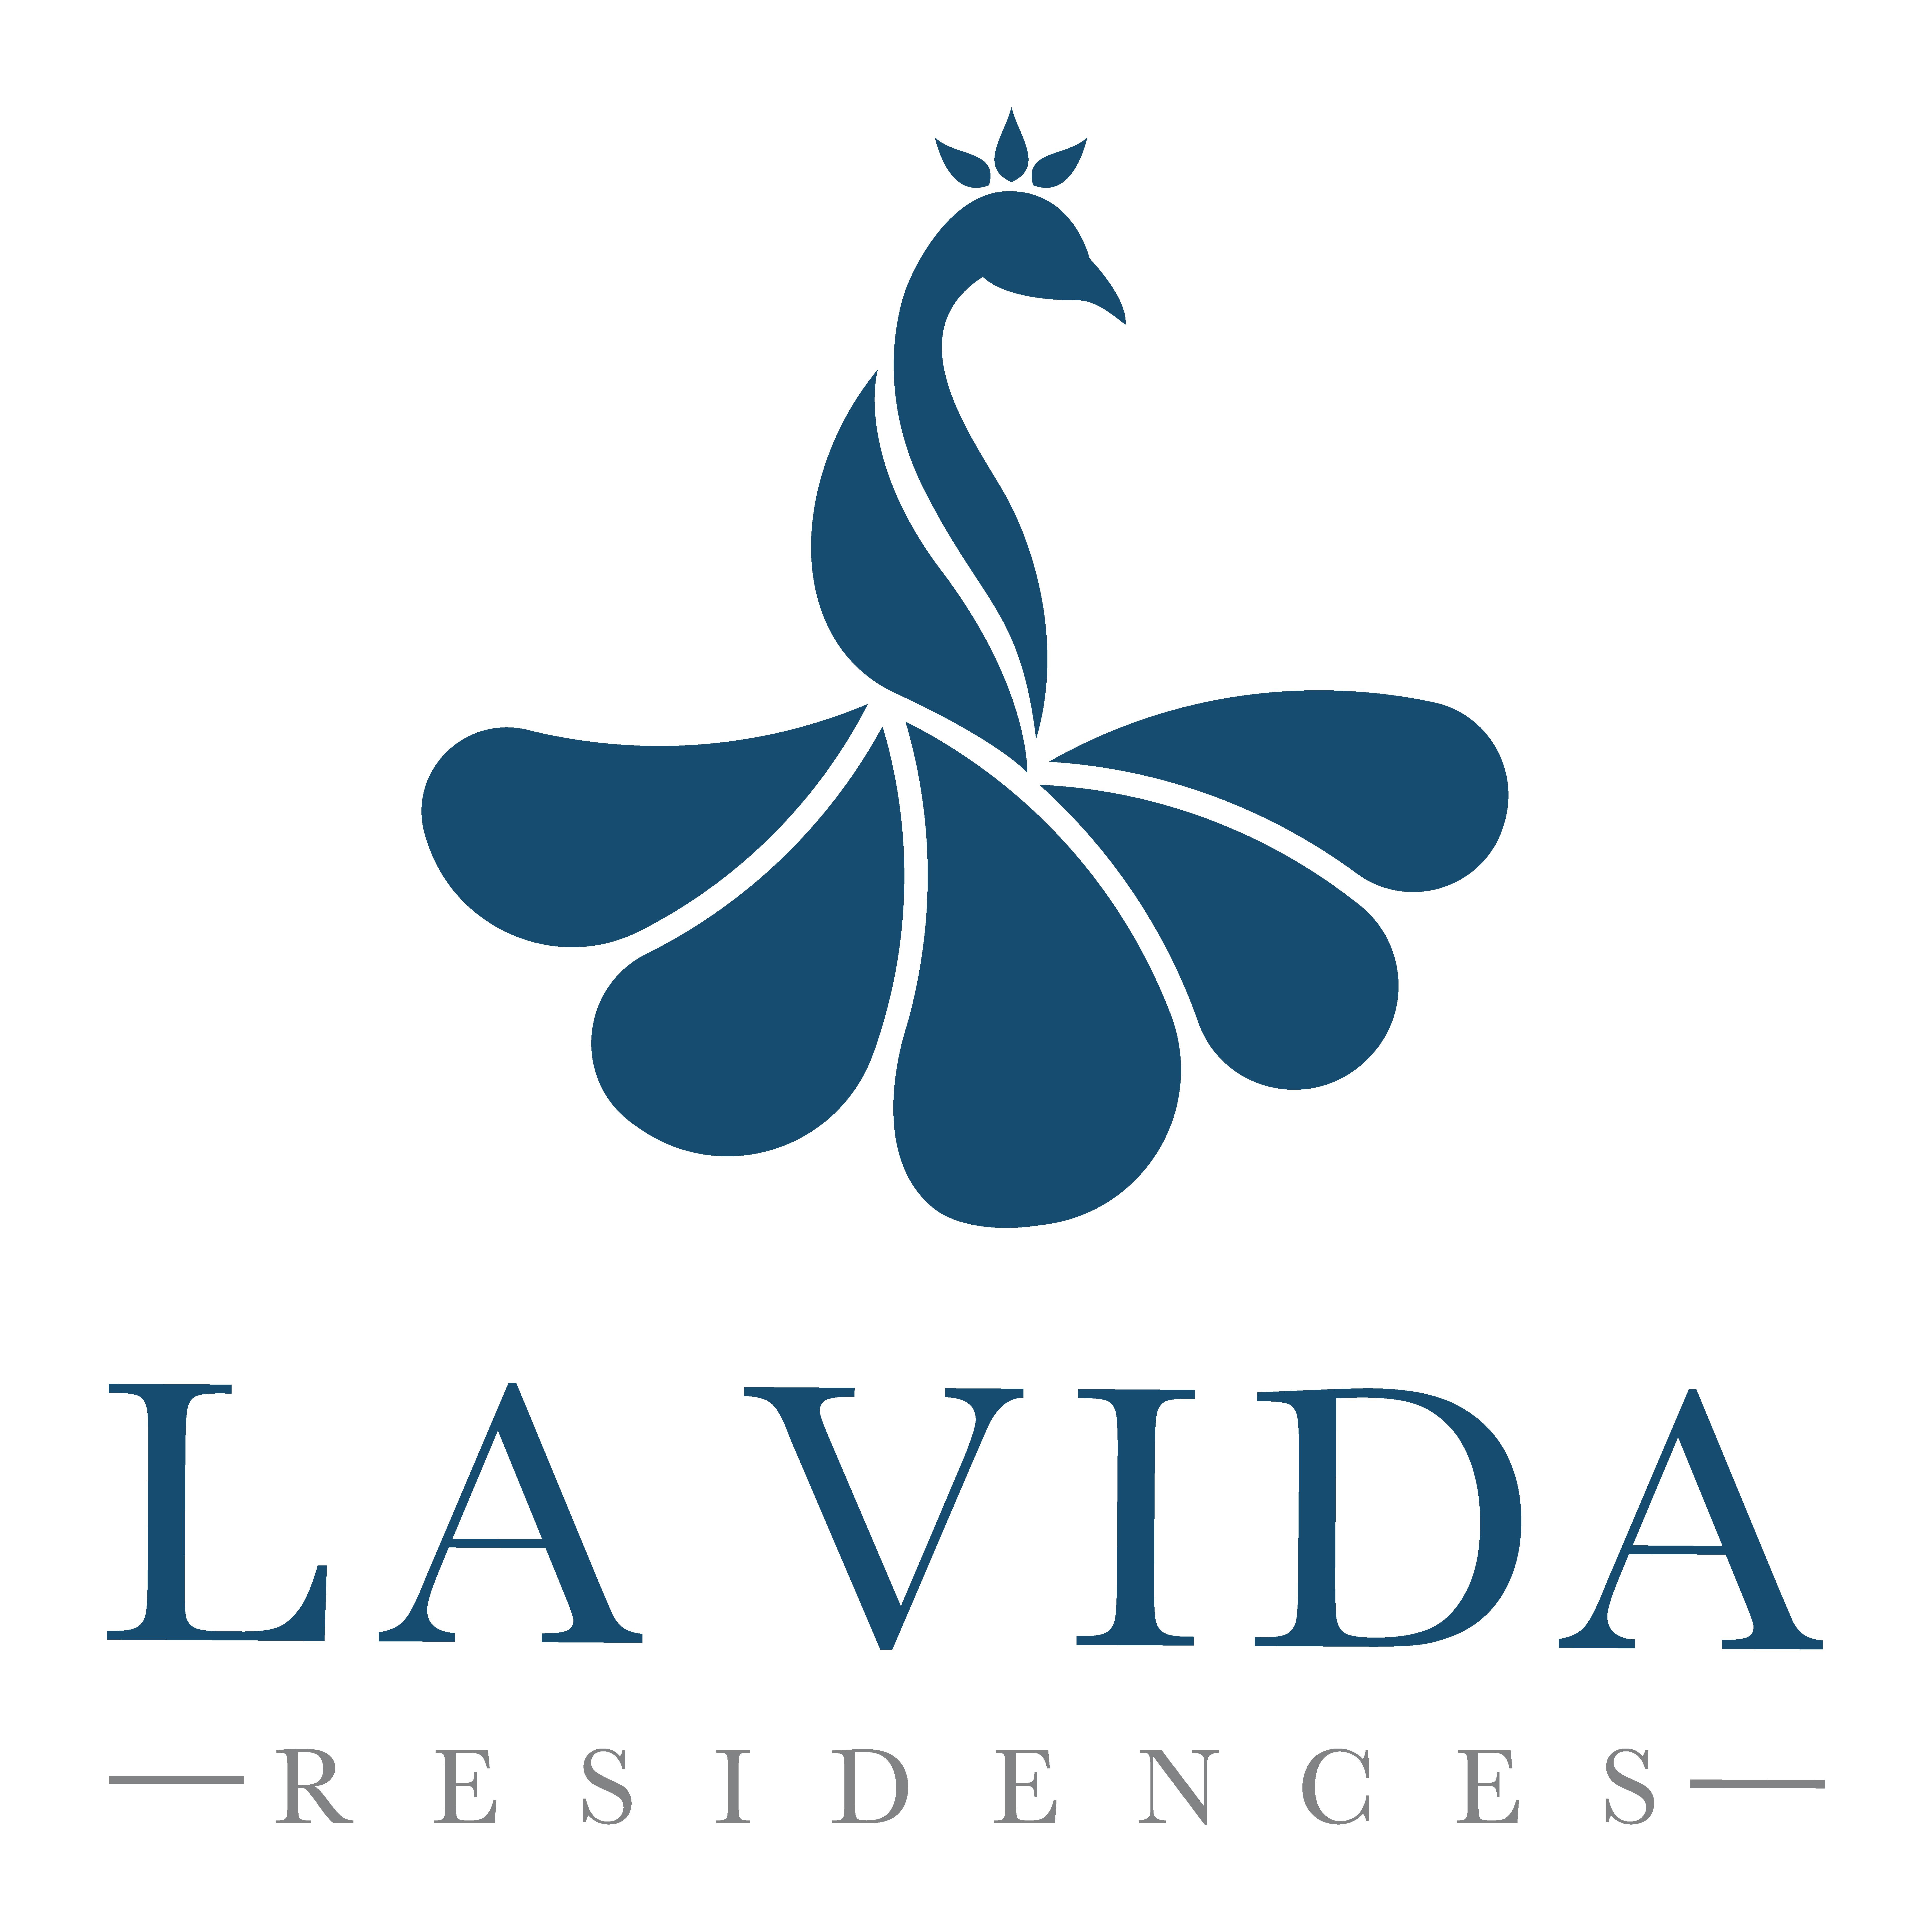 Mua bán chuyển nhượng Lavida Residences Vũng Tàu 2021 1